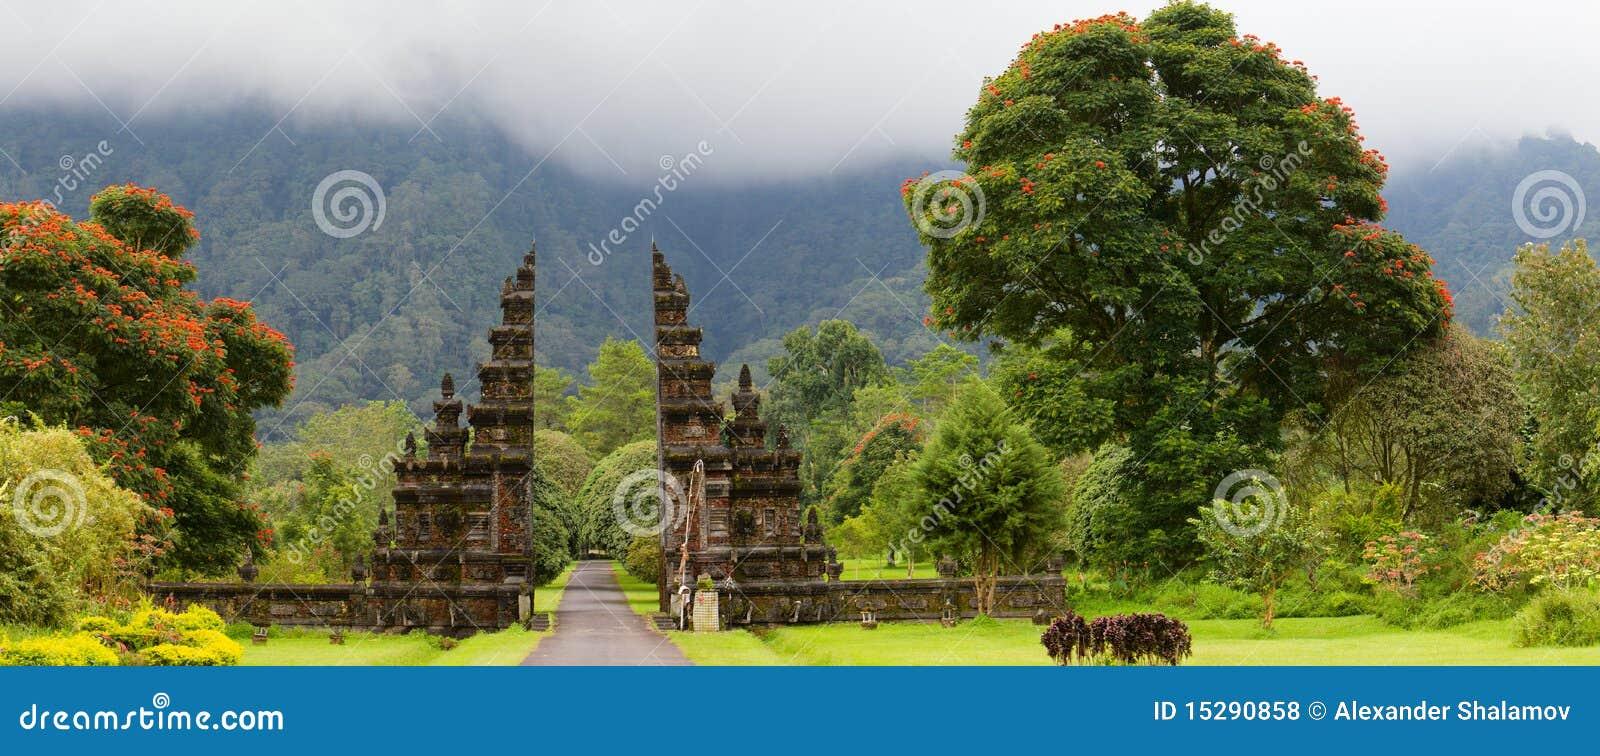 De Tempel van Bali